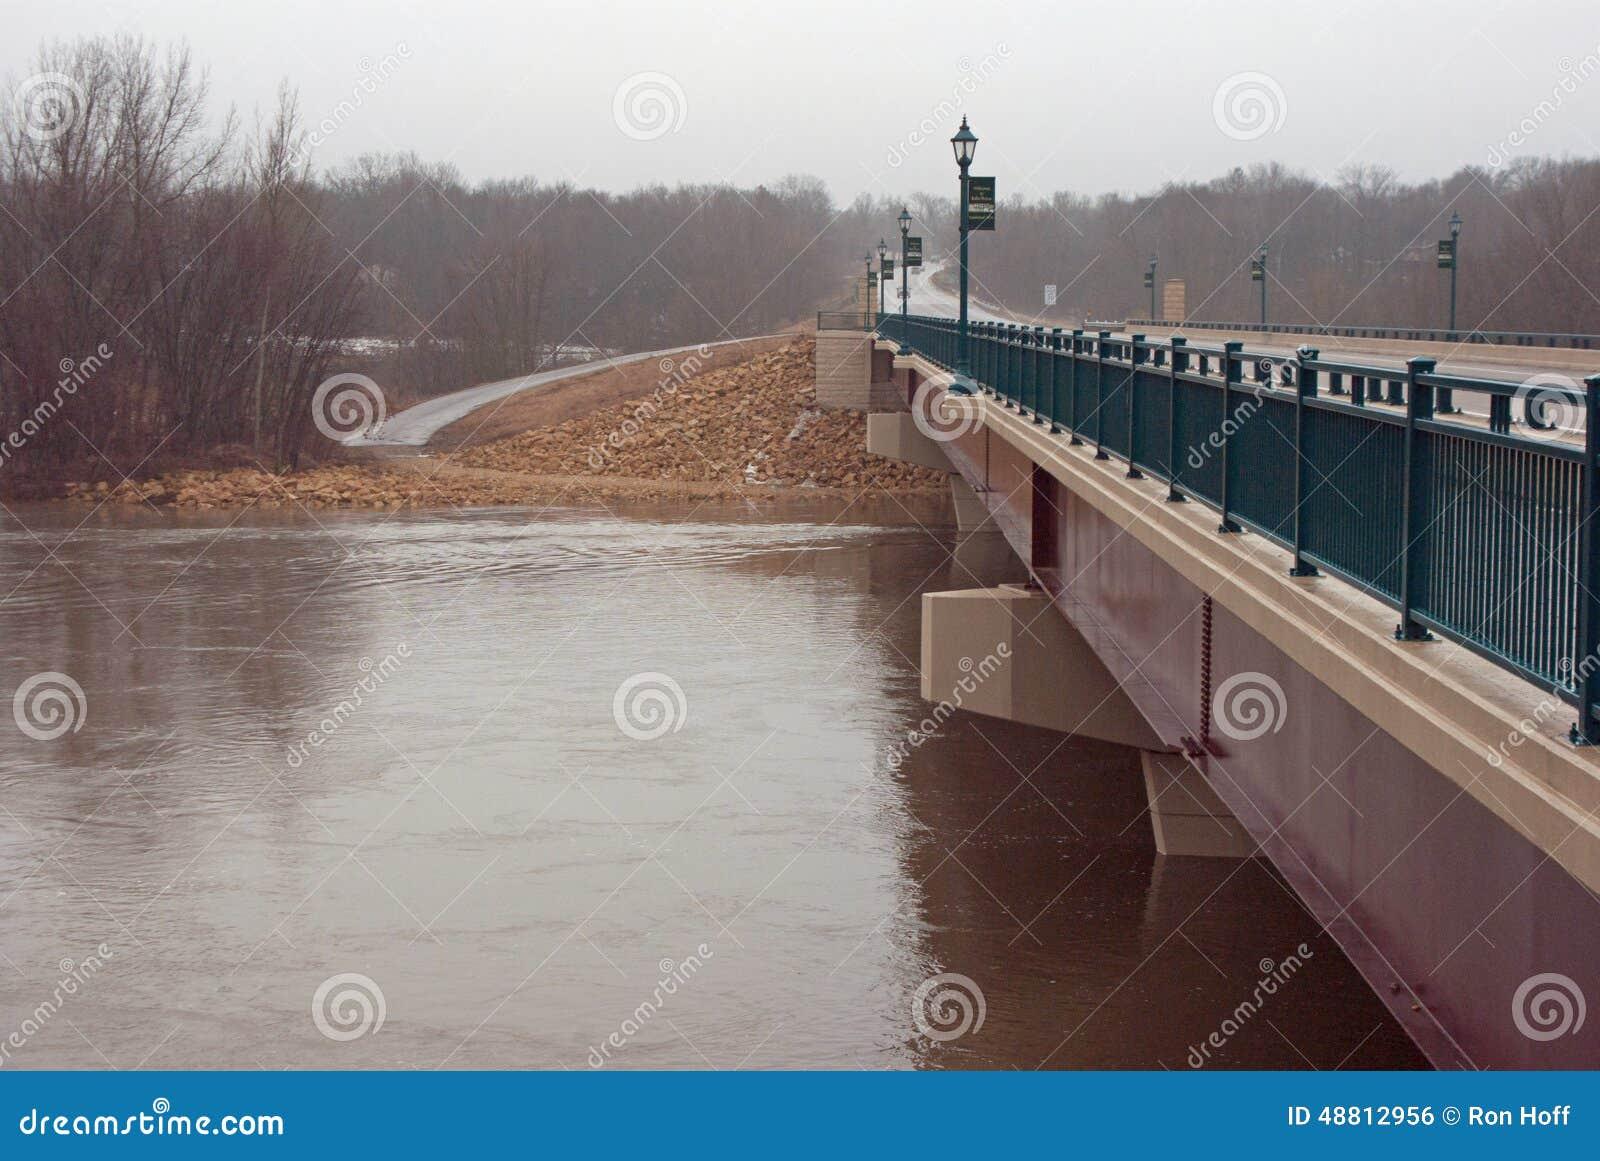 Un puente sobre el río de Minnesota en la etapa de la inundación